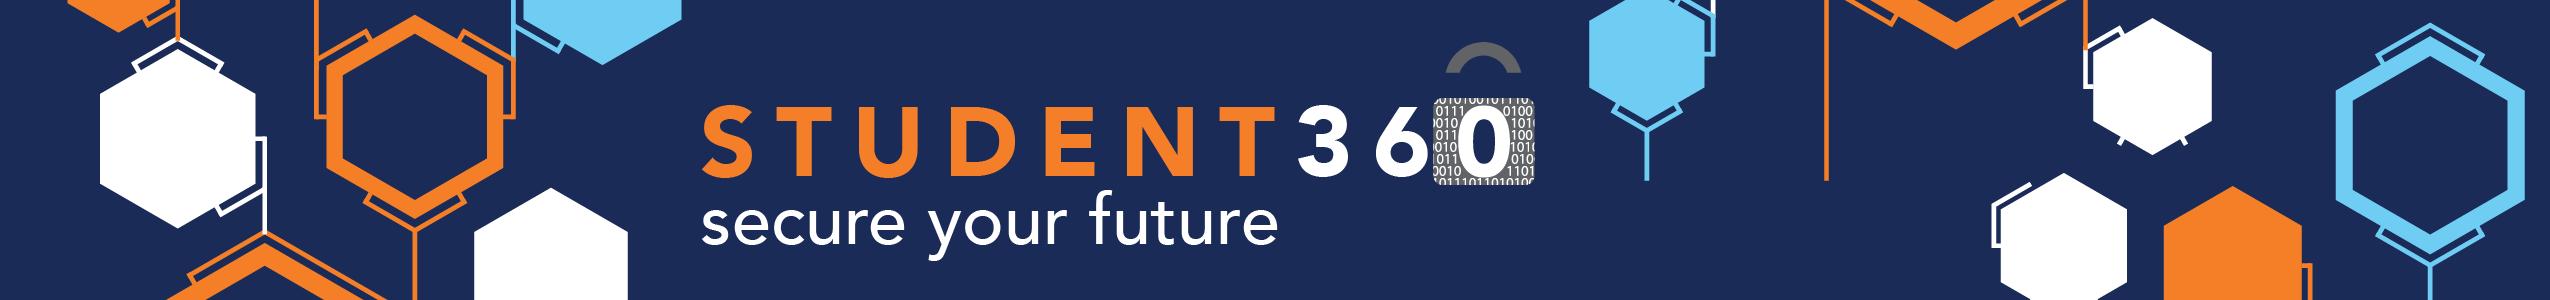 Student360 2019